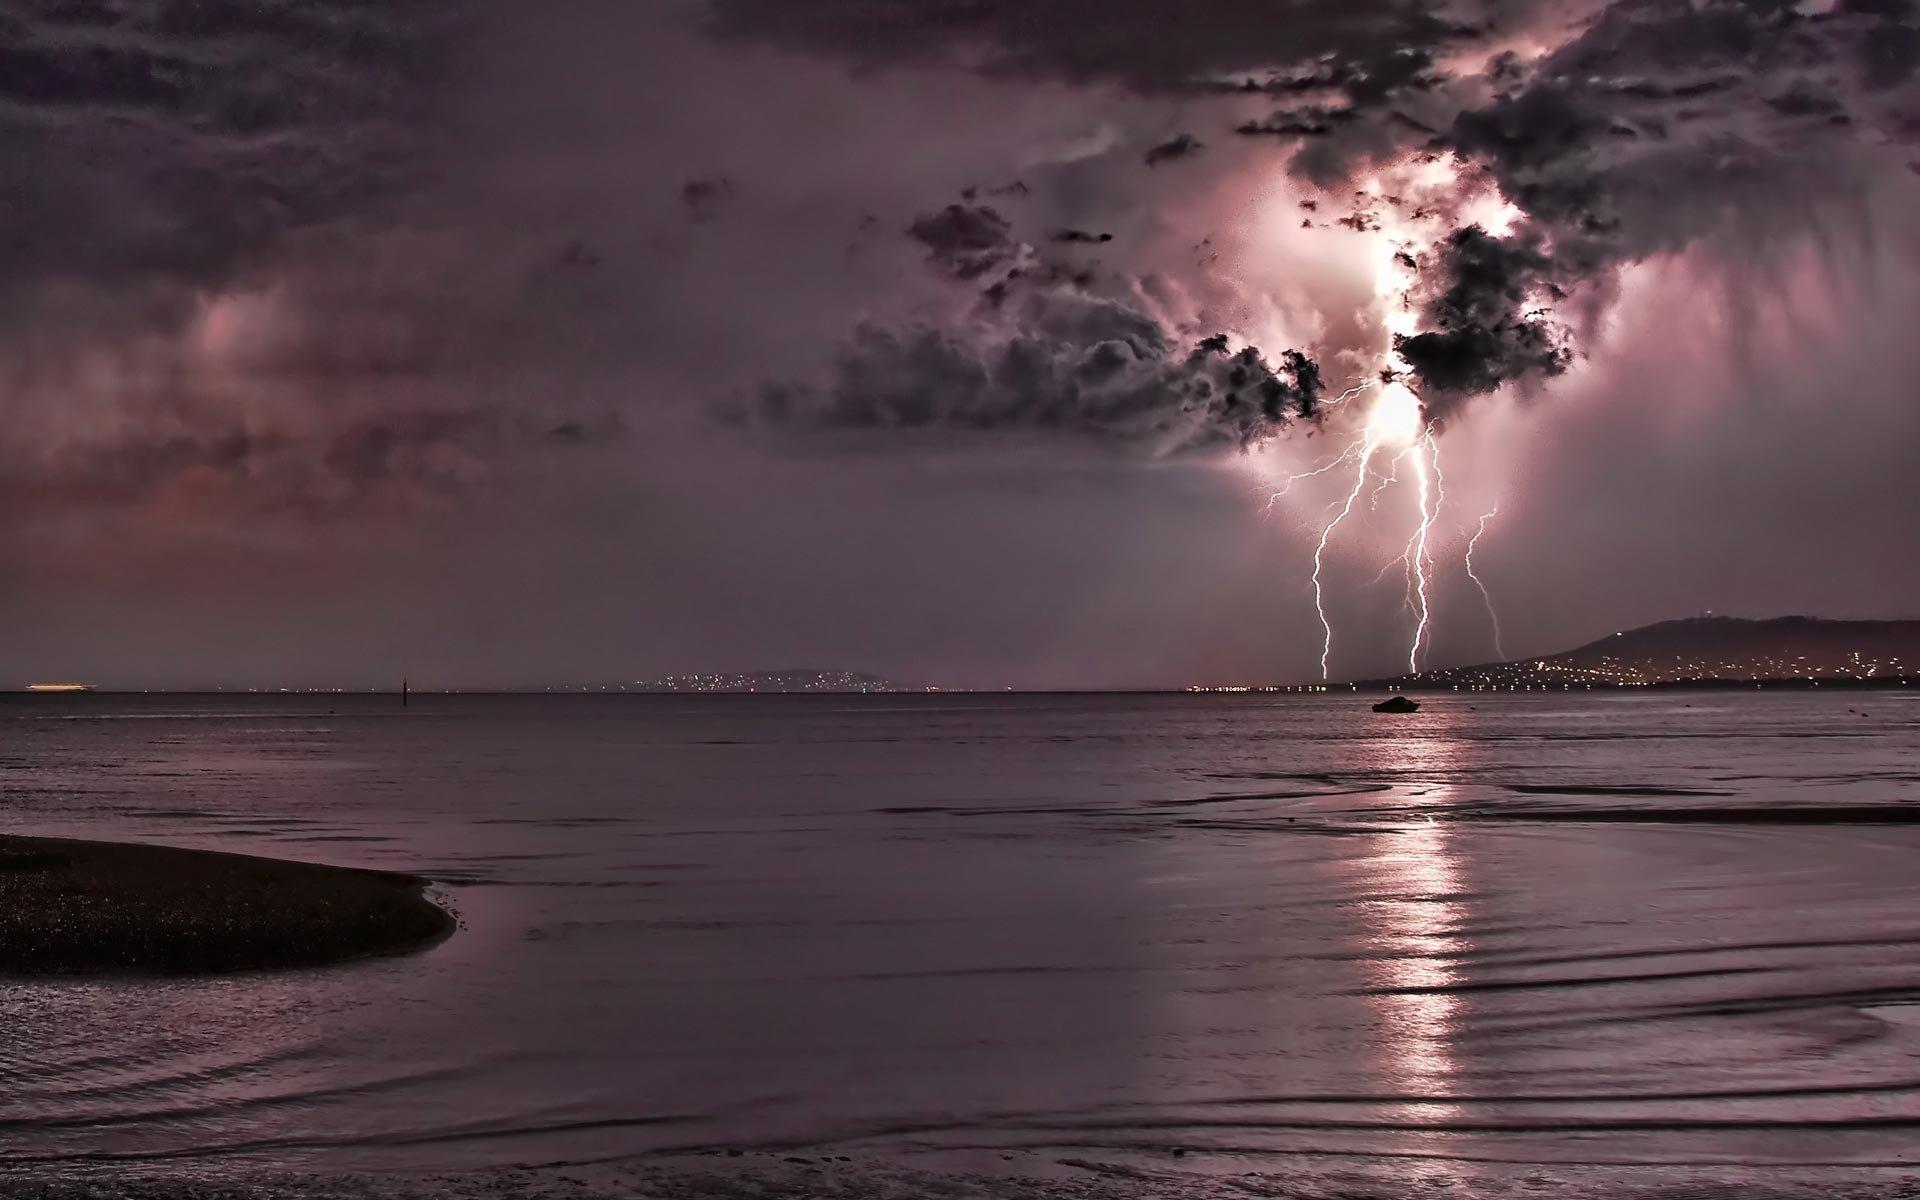 3d Nature Wallpapers Free Download Mobile Lightning Storm Images Download Free Pixelstalk Net